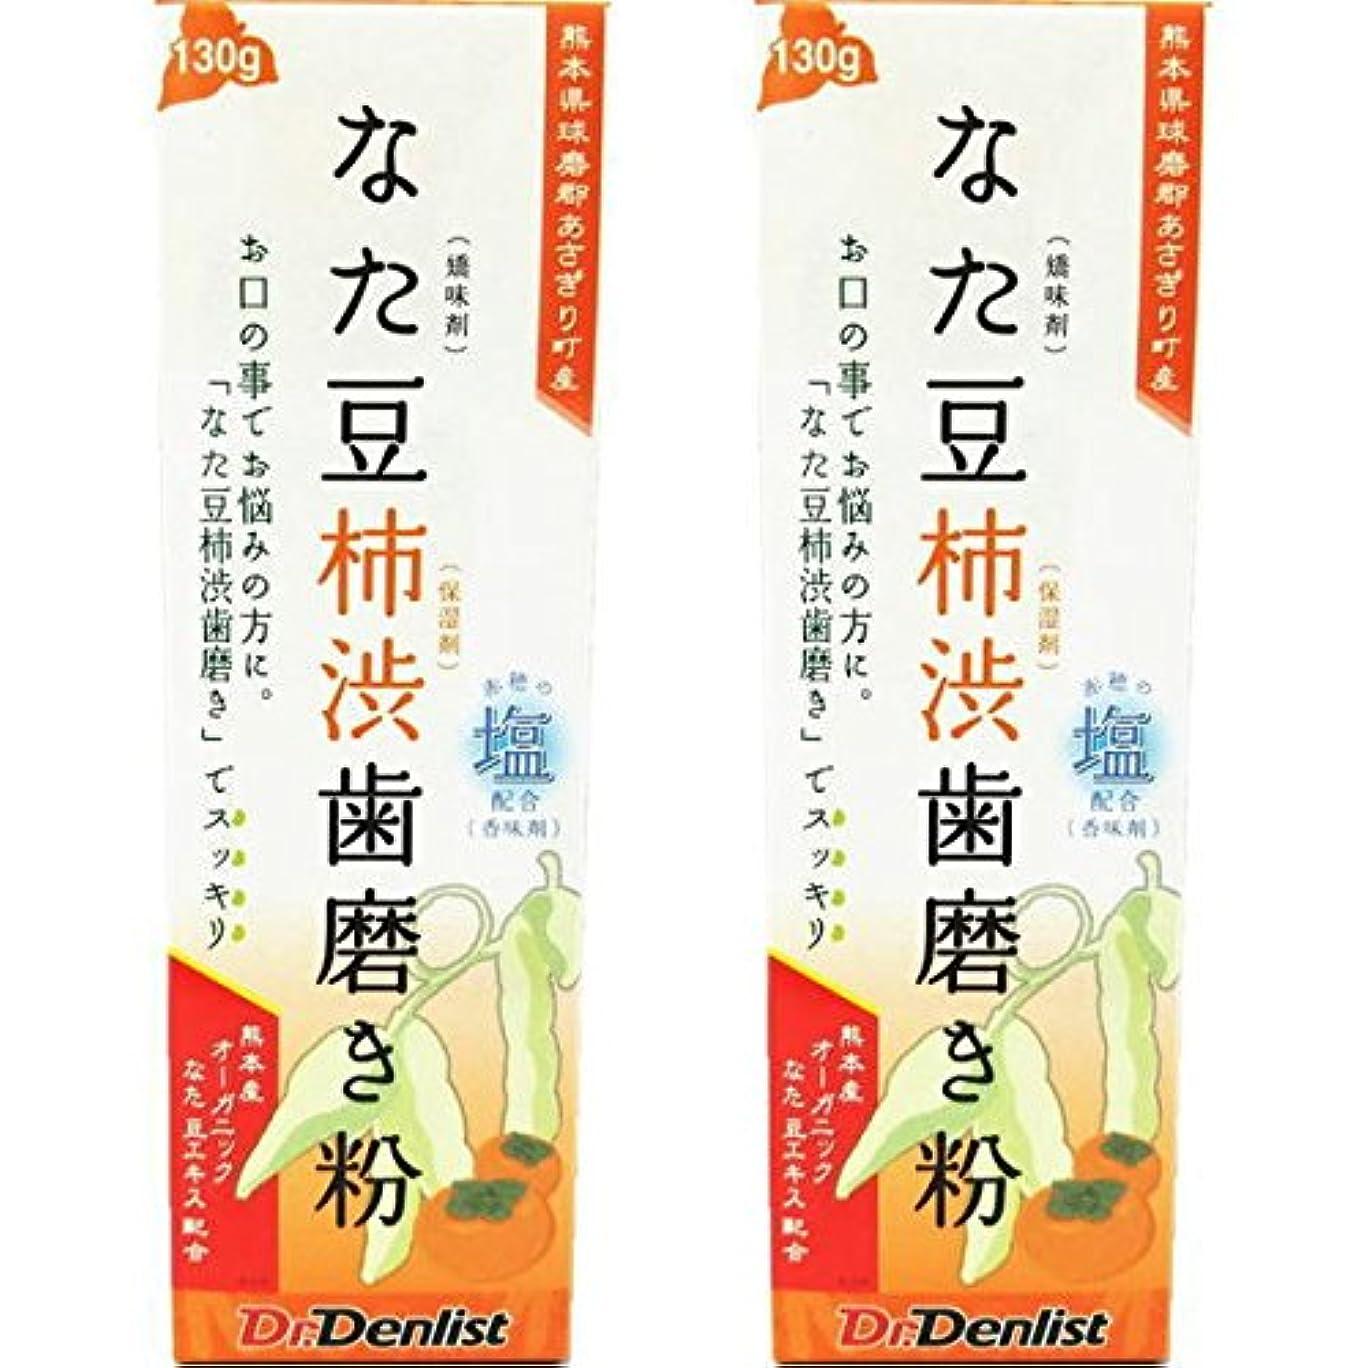 炭水化物成功露出度の高いなた豆柿渋歯磨き 130g 2個セット 国産 有機なた豆使用 赤穂の塩配合(香味剤)